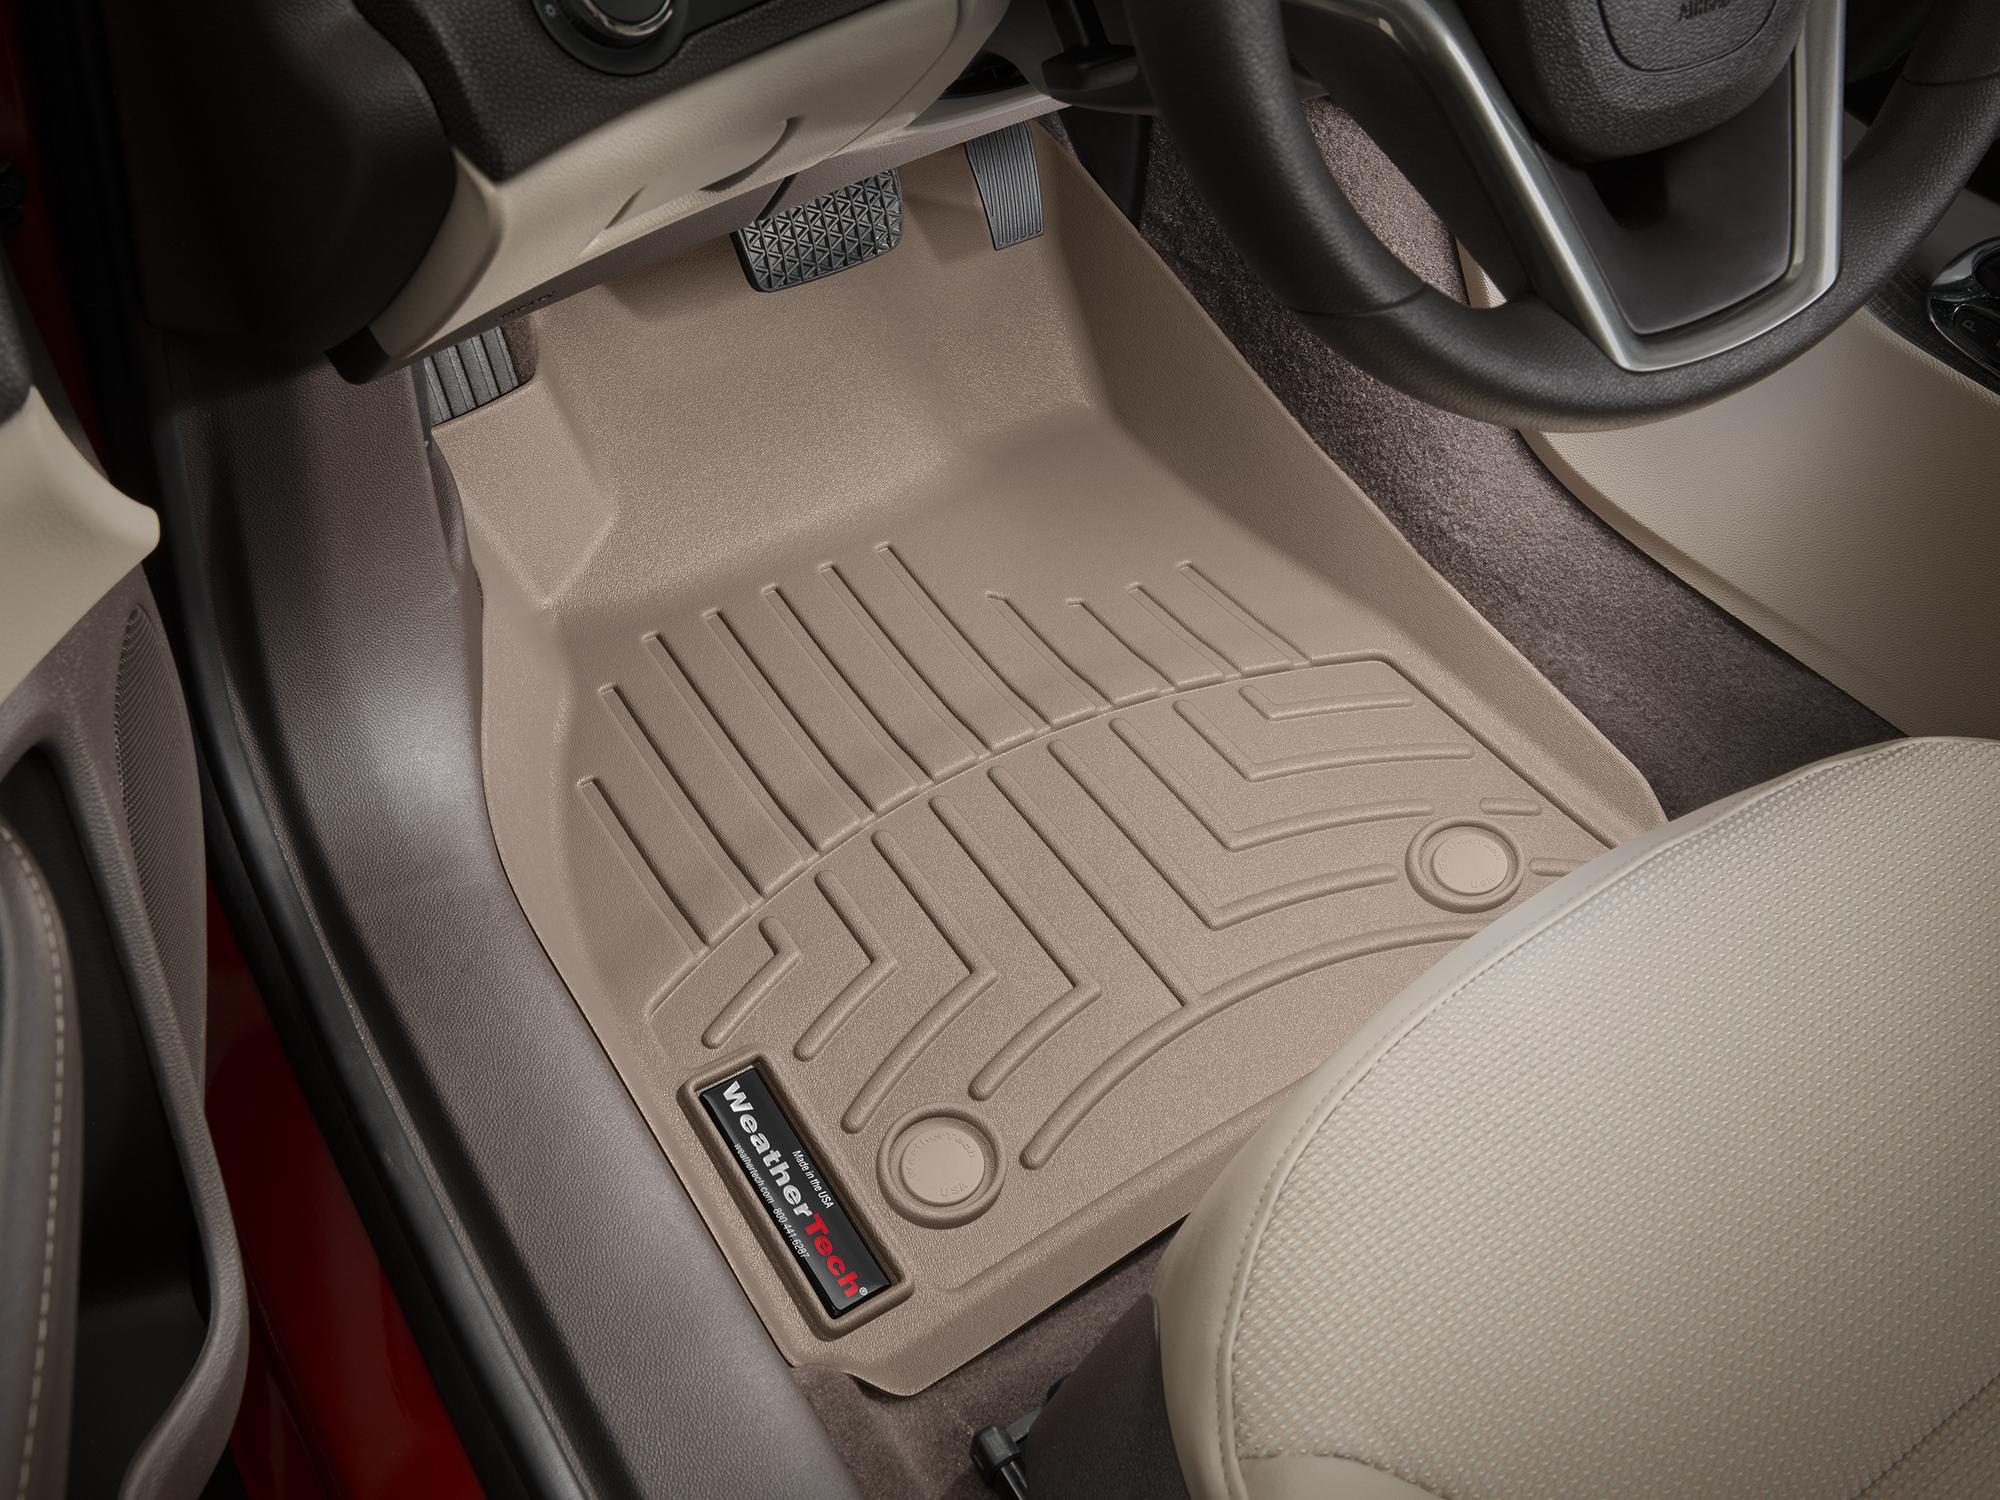 Tappeti gomma Weathertech bordo alto Chevrolet Malibu 13>15 Marrone A144